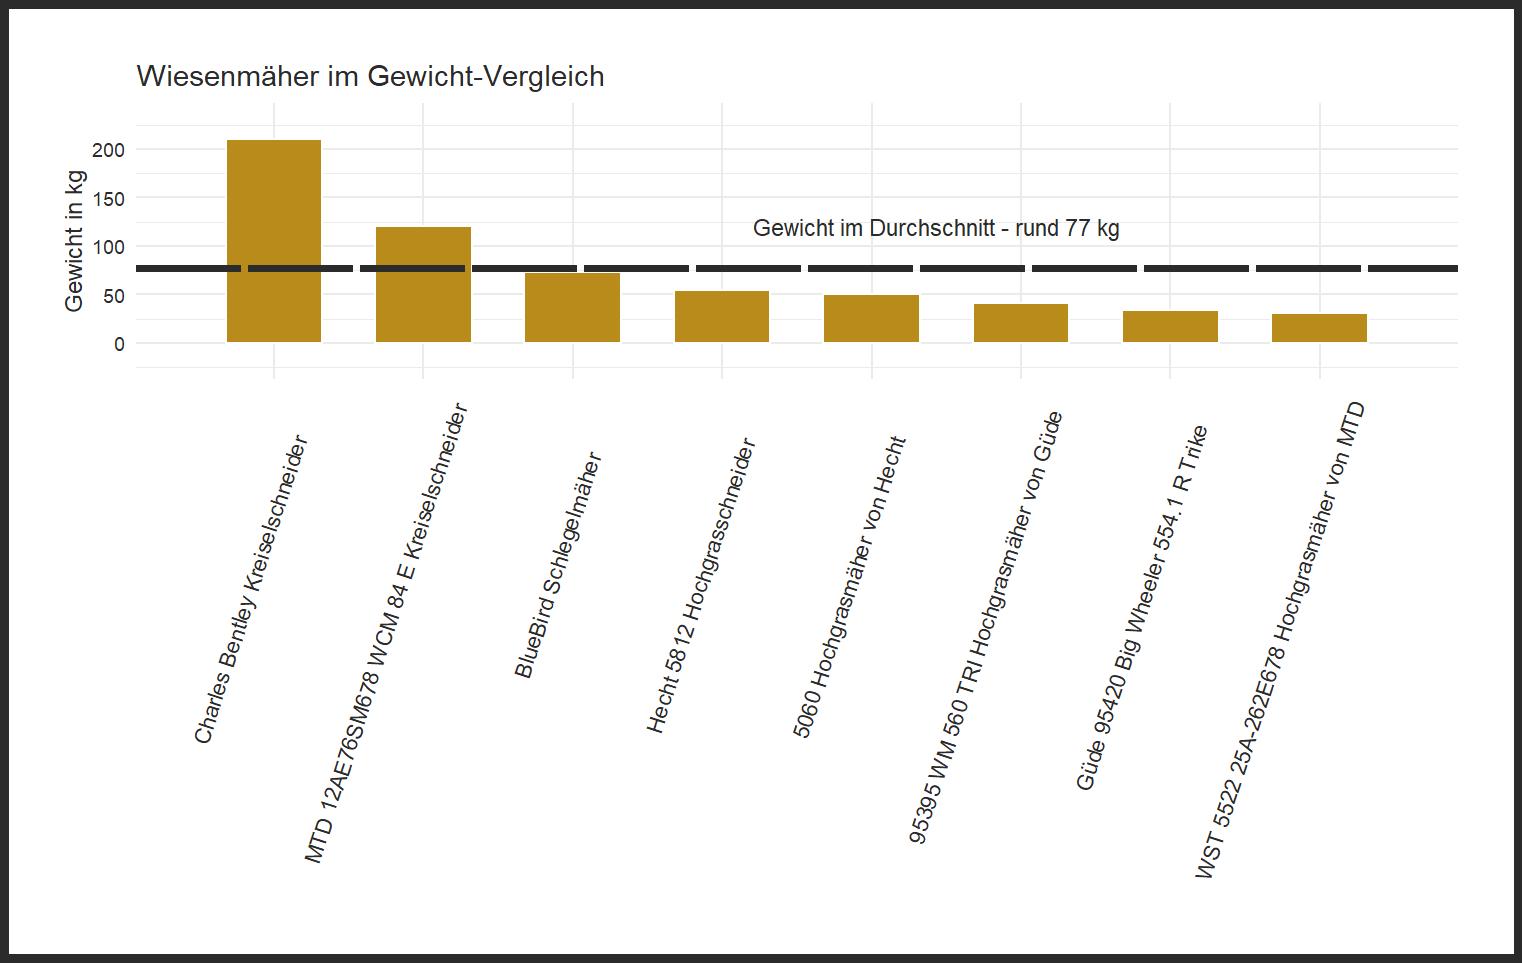 Gewicht-Vergleich aller Wiesenmäher